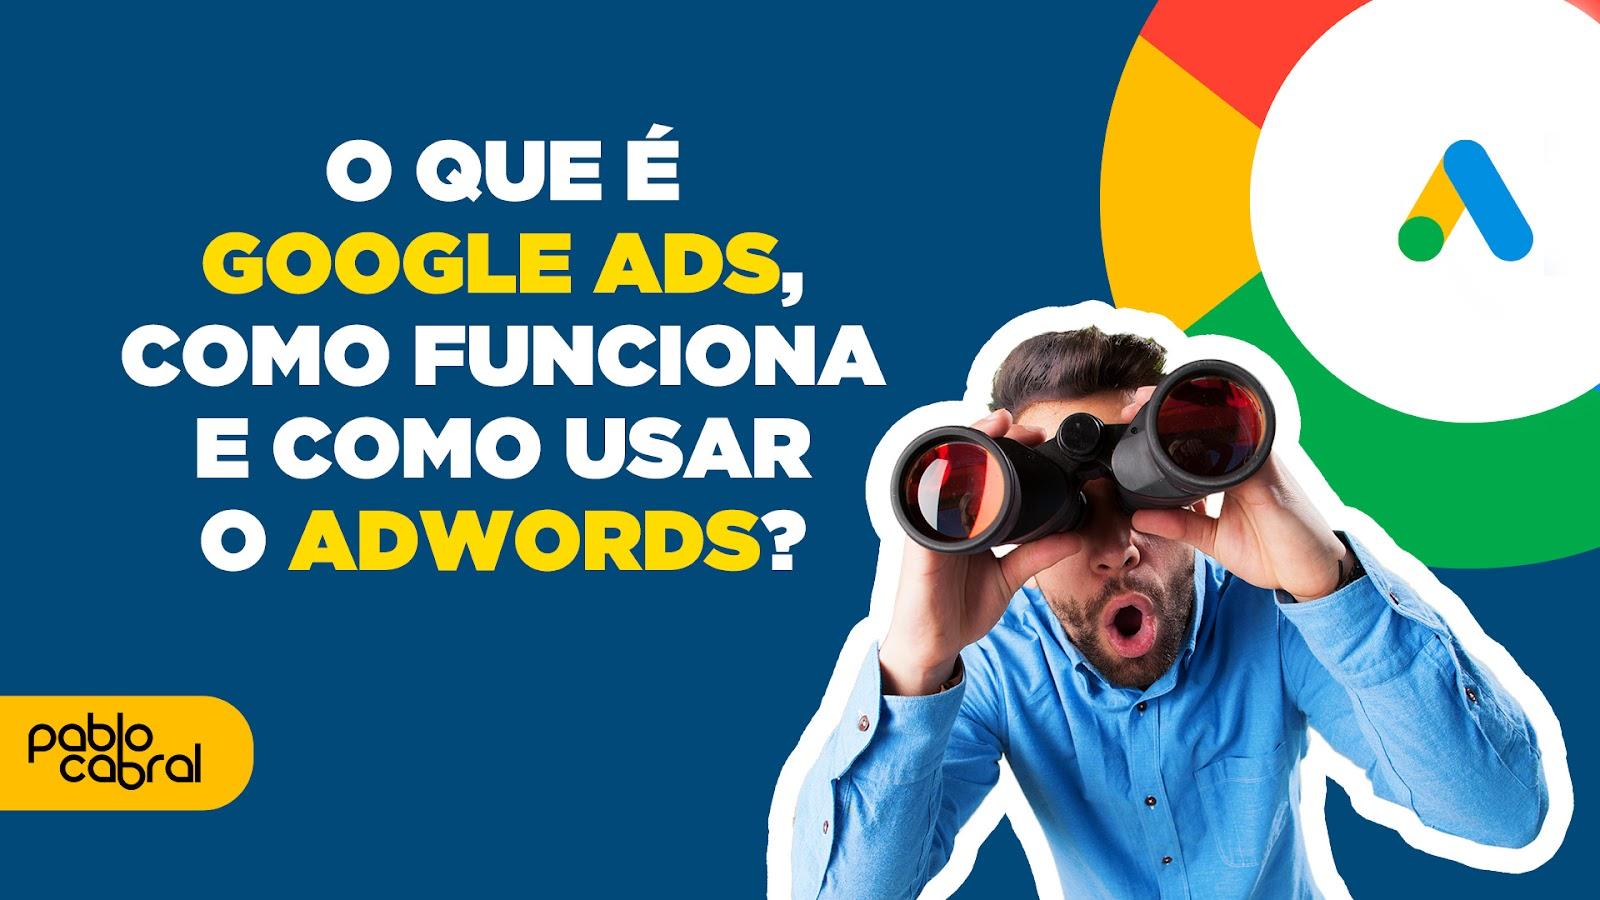 o-que-e-google-ads-homem-com-binoculos